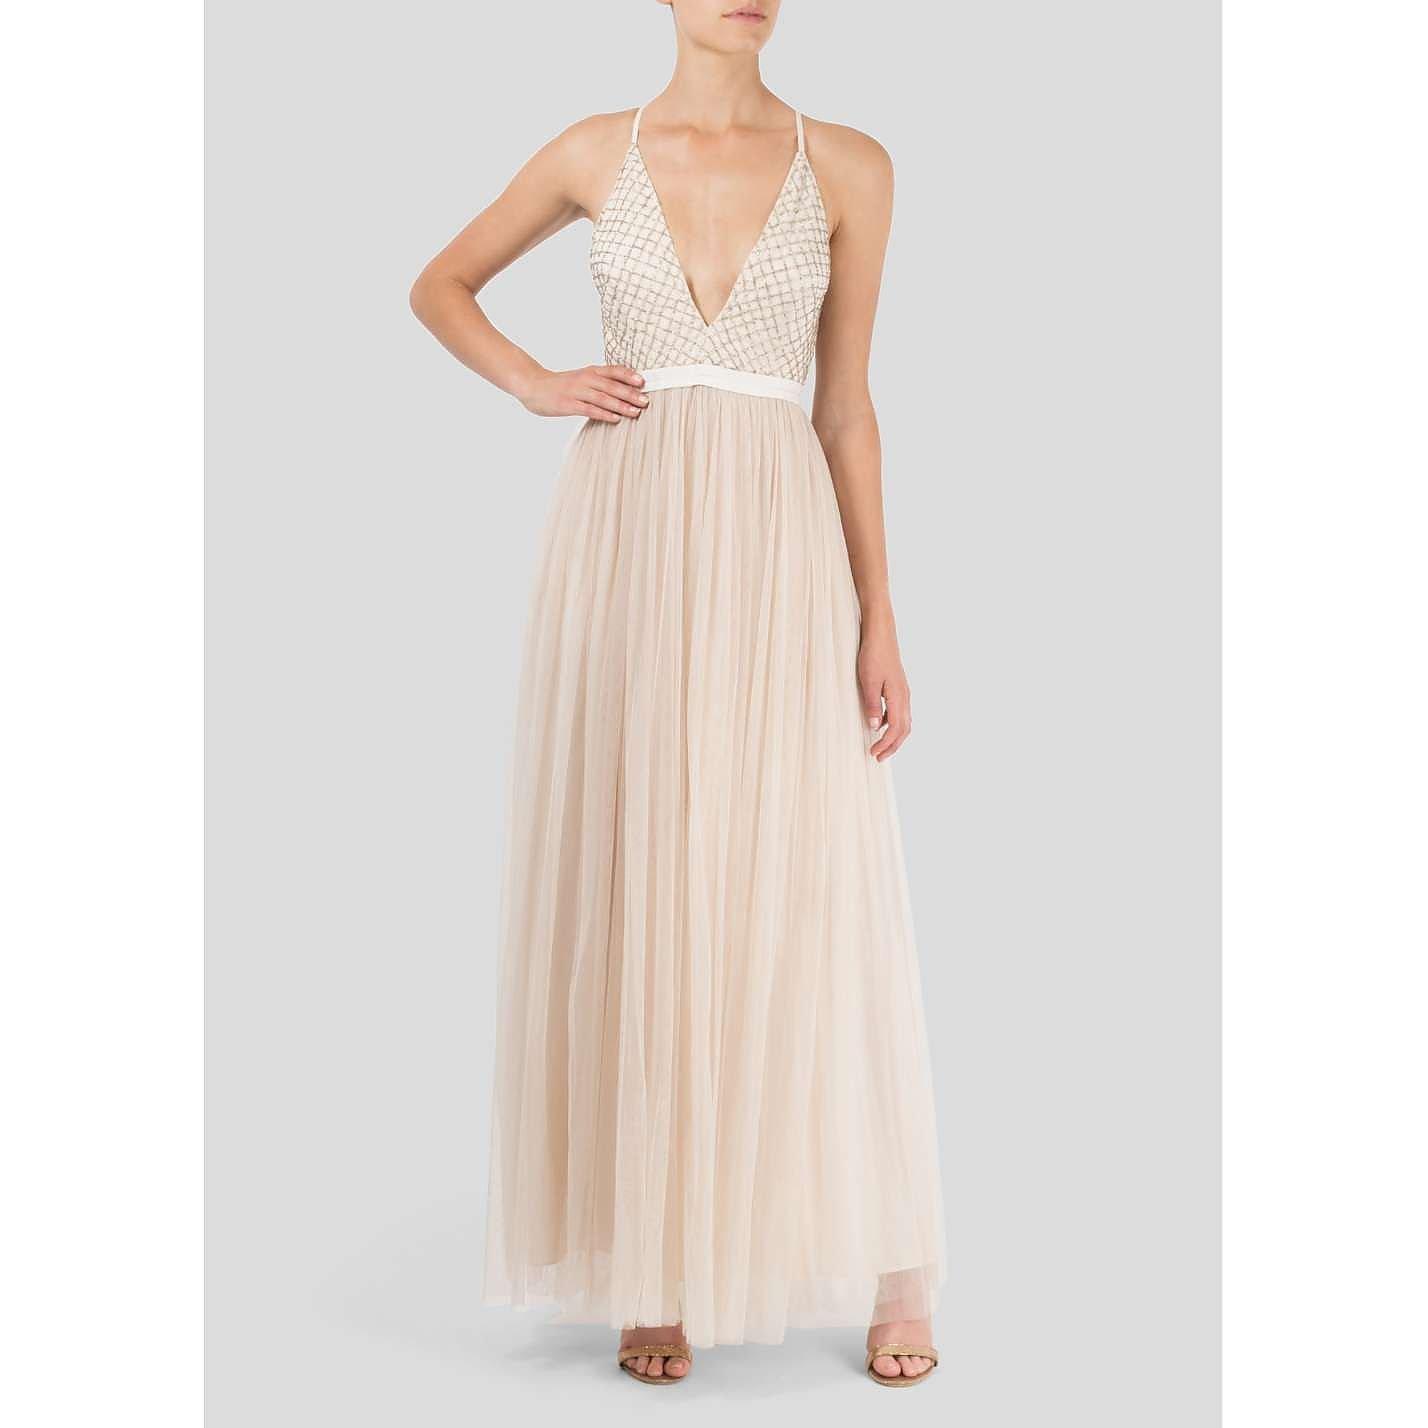 Needle & Thread Beaded Tulle Dress